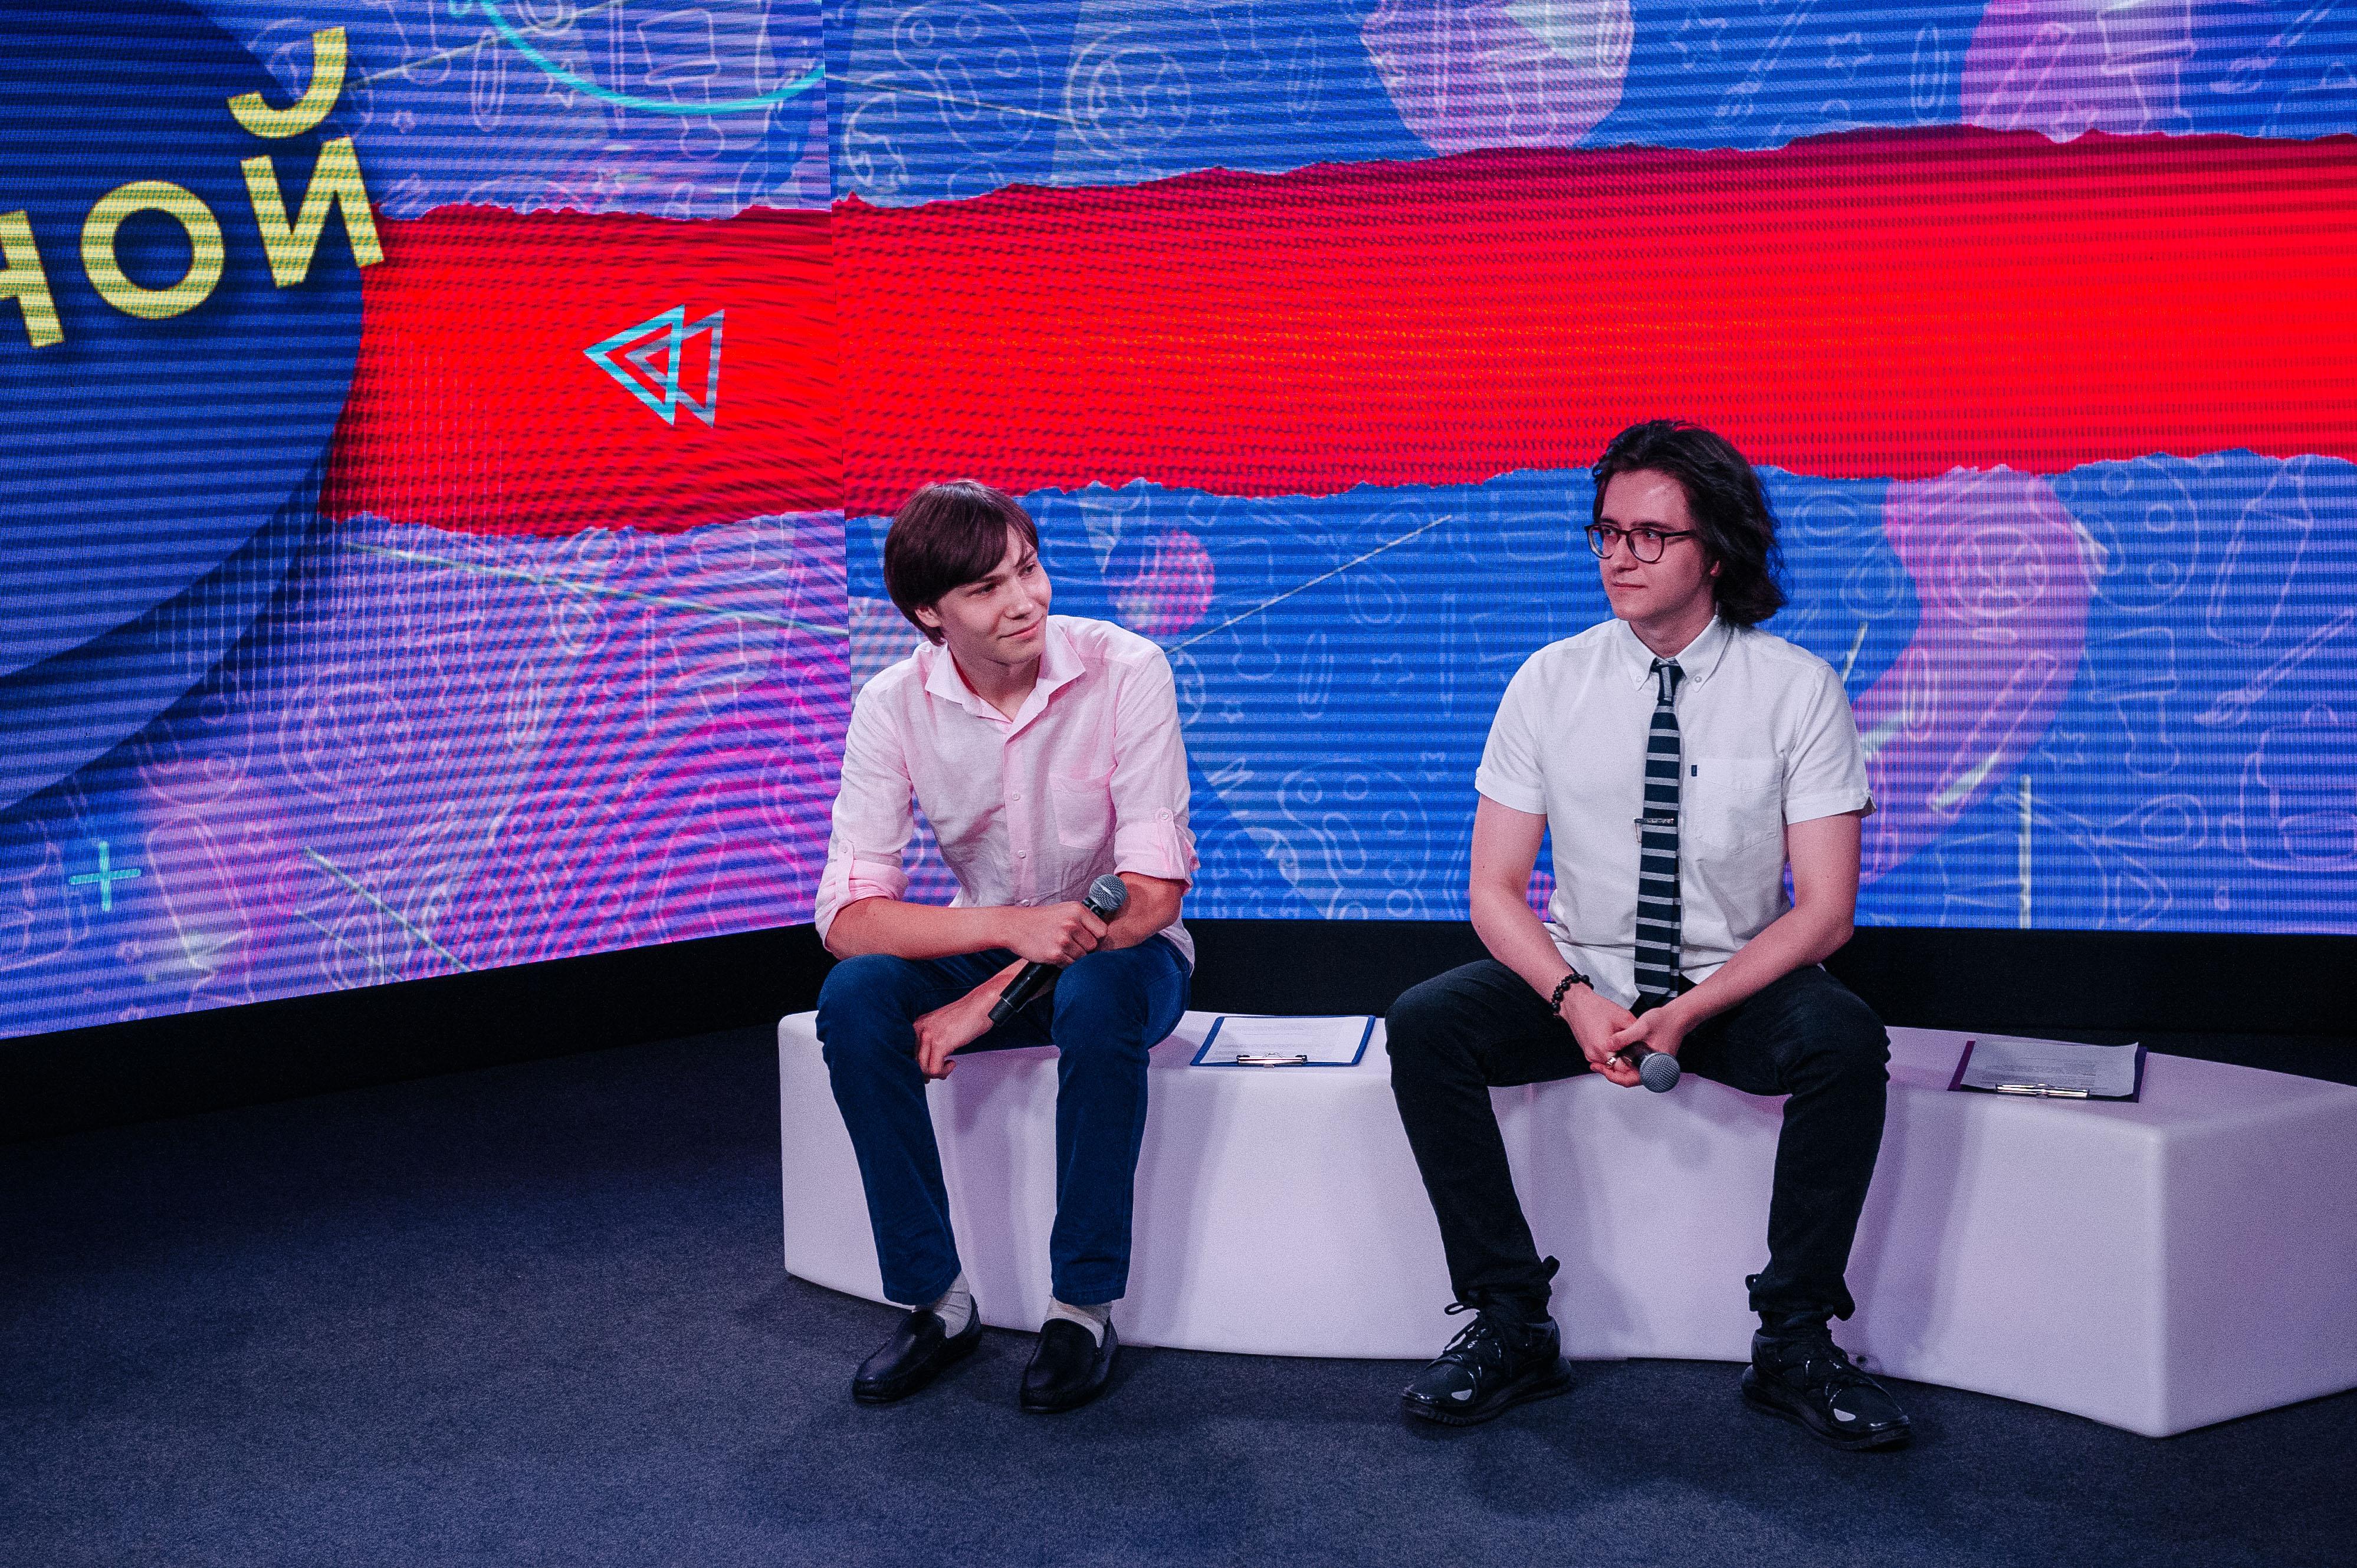 Участники онлайн-выпускного при соорганизации от Обрсоюза